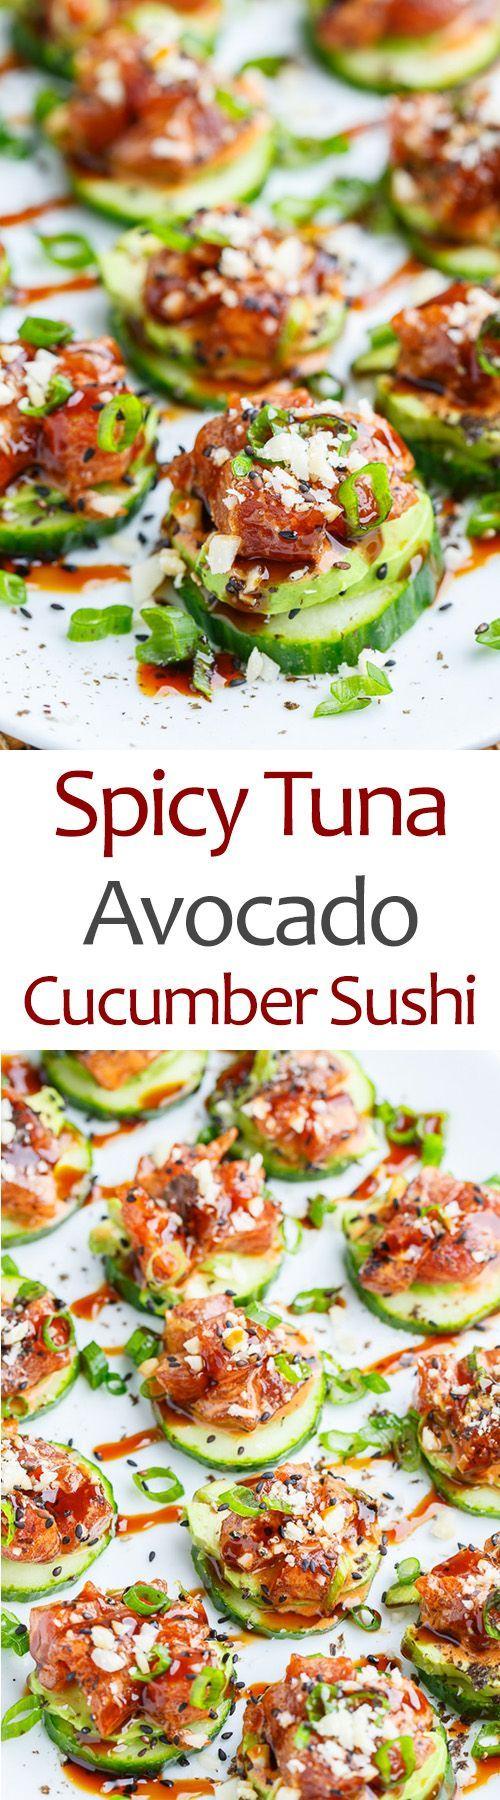 ... spicy tuna and avocado ceviche recipes dishmaps spicy tuna and avocado